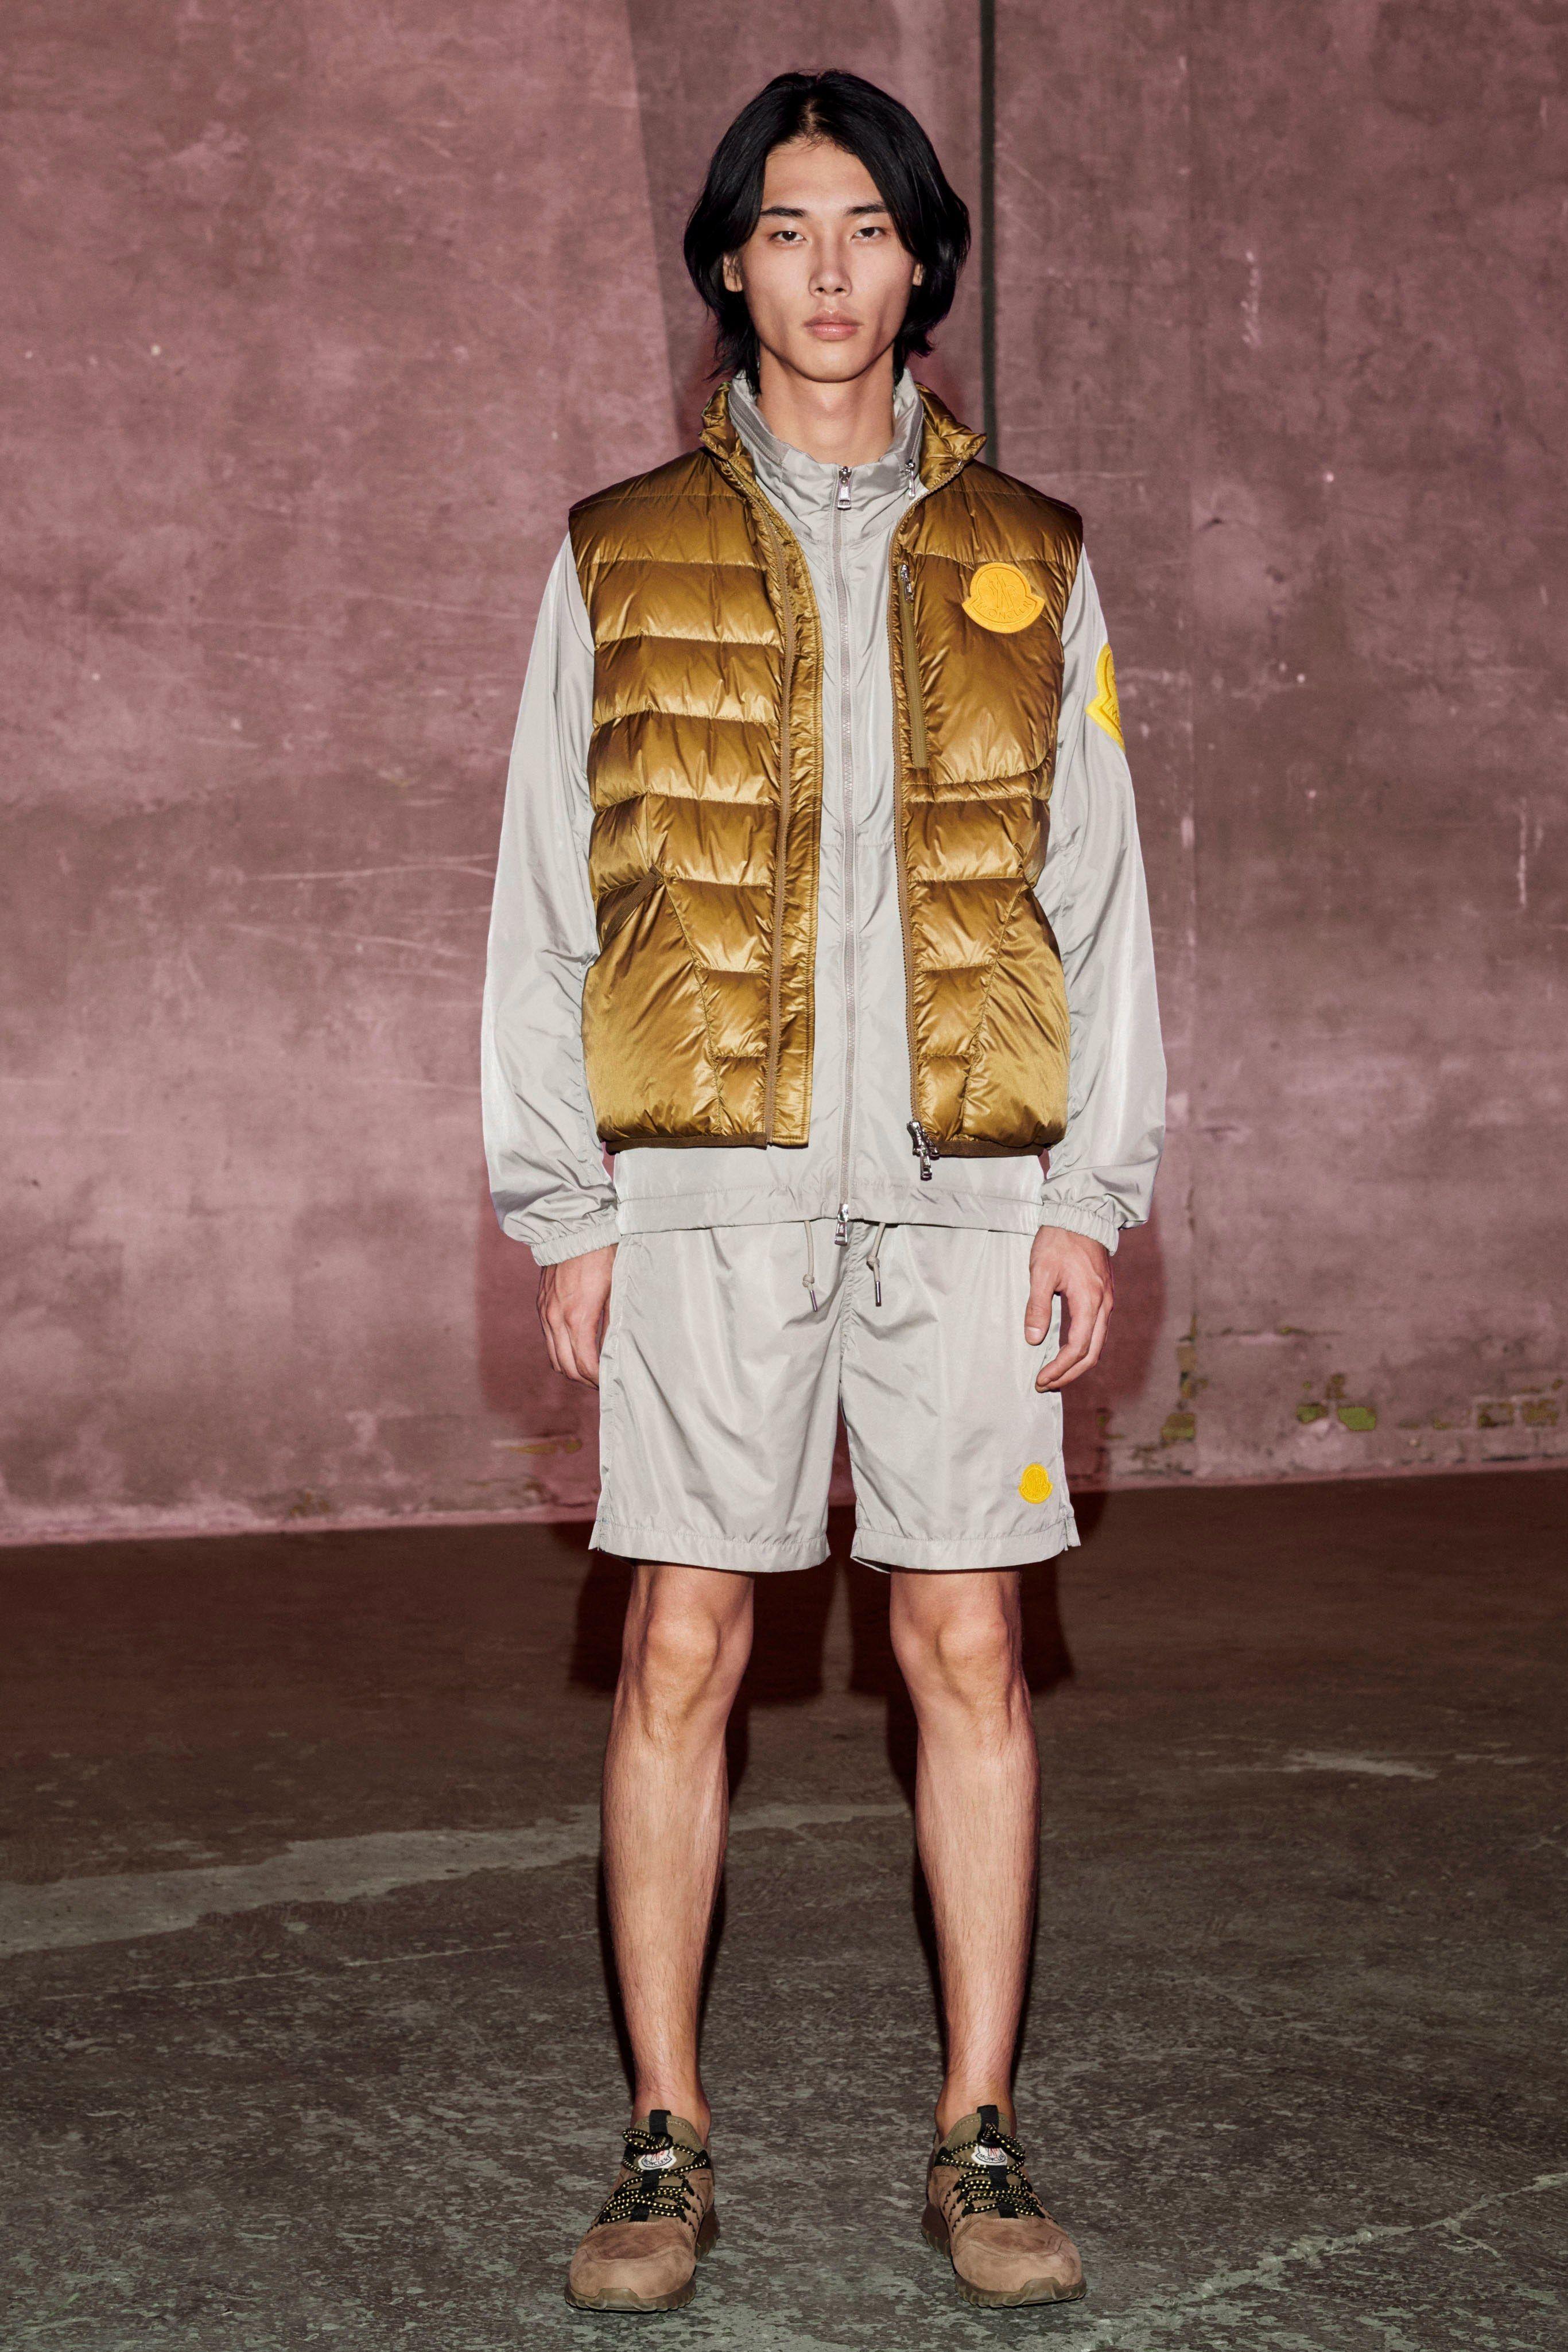 Moncler 2 1952 Spring 2019 Menswear Fashion Show | Fashion